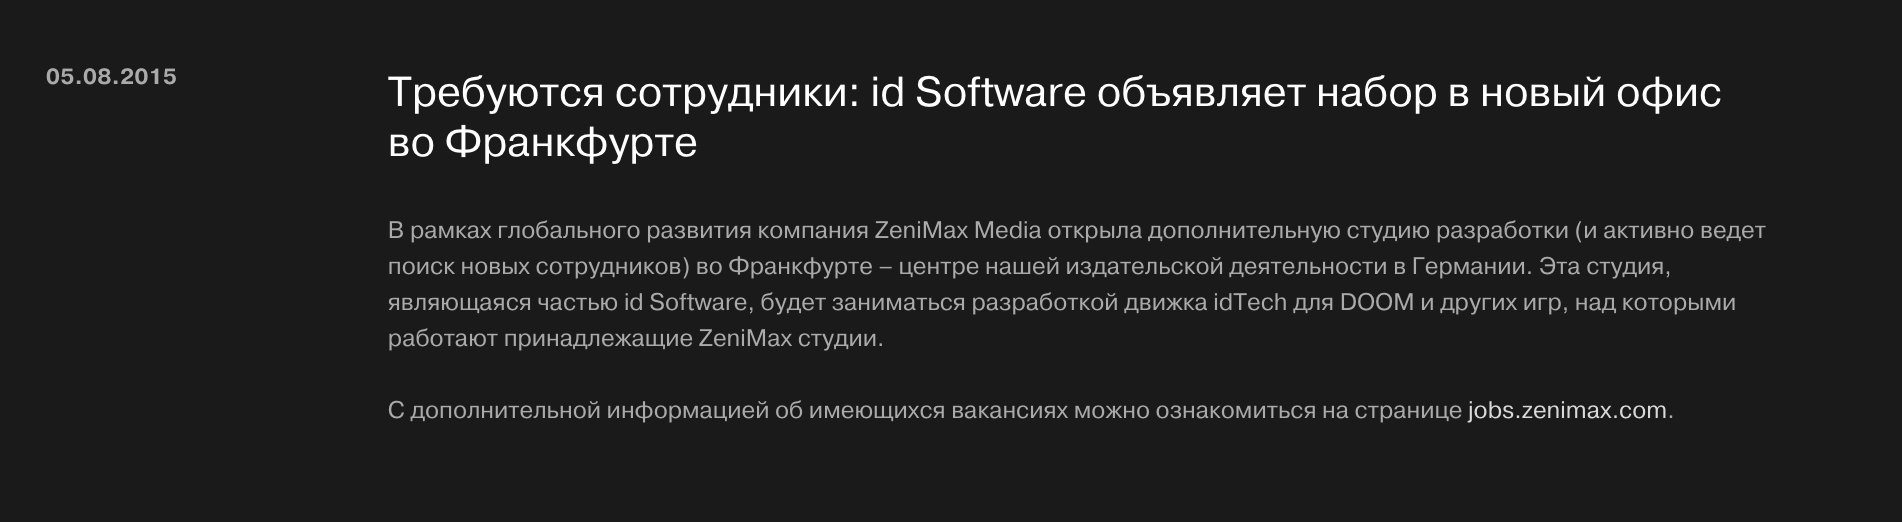 new quake bethesda id software отвратительные мужики